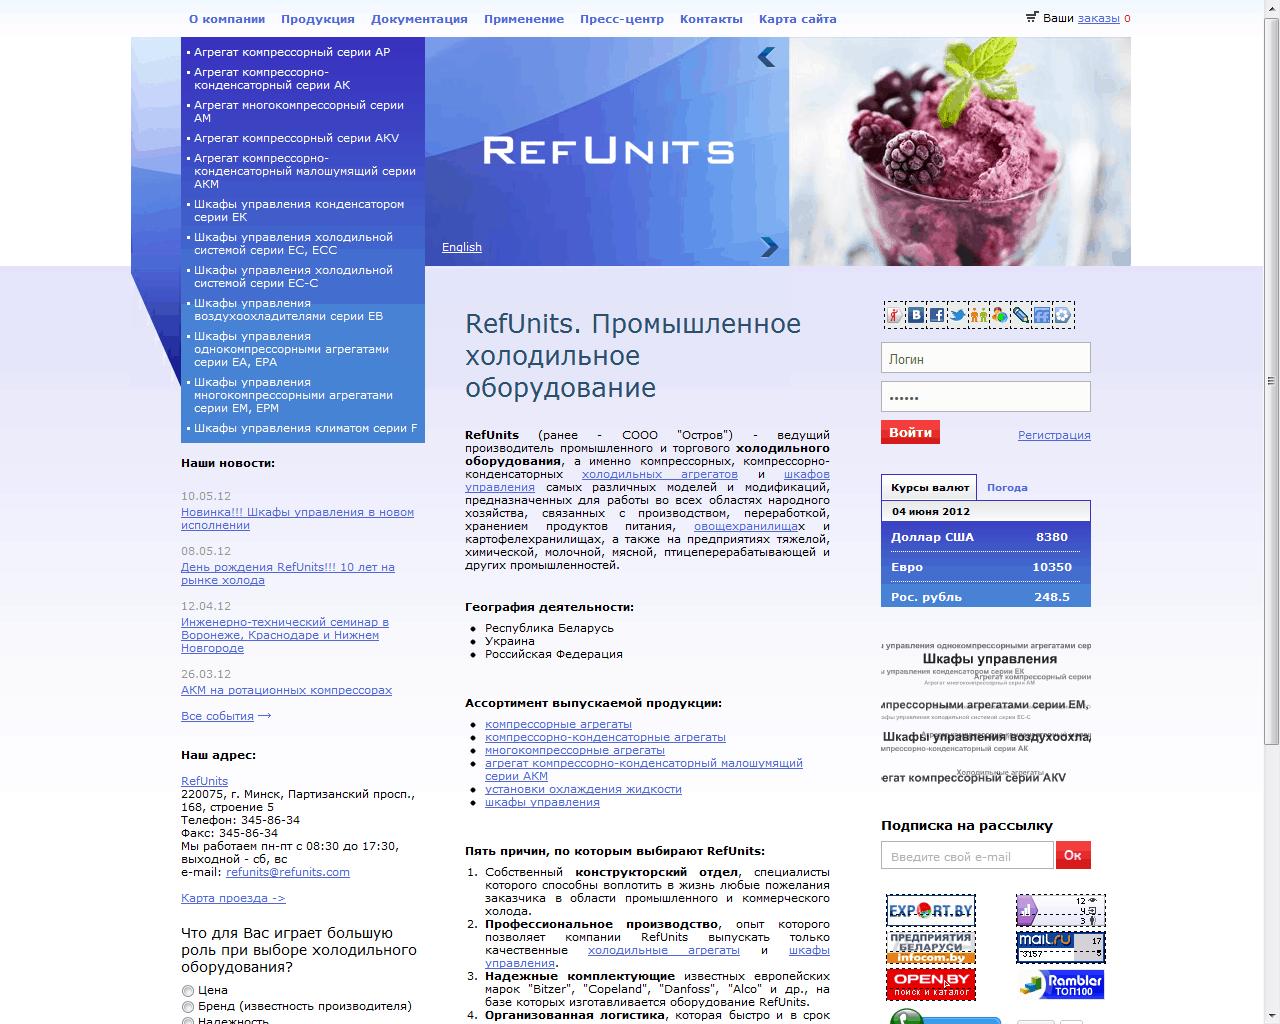 РефЮнитс (RefUnits)